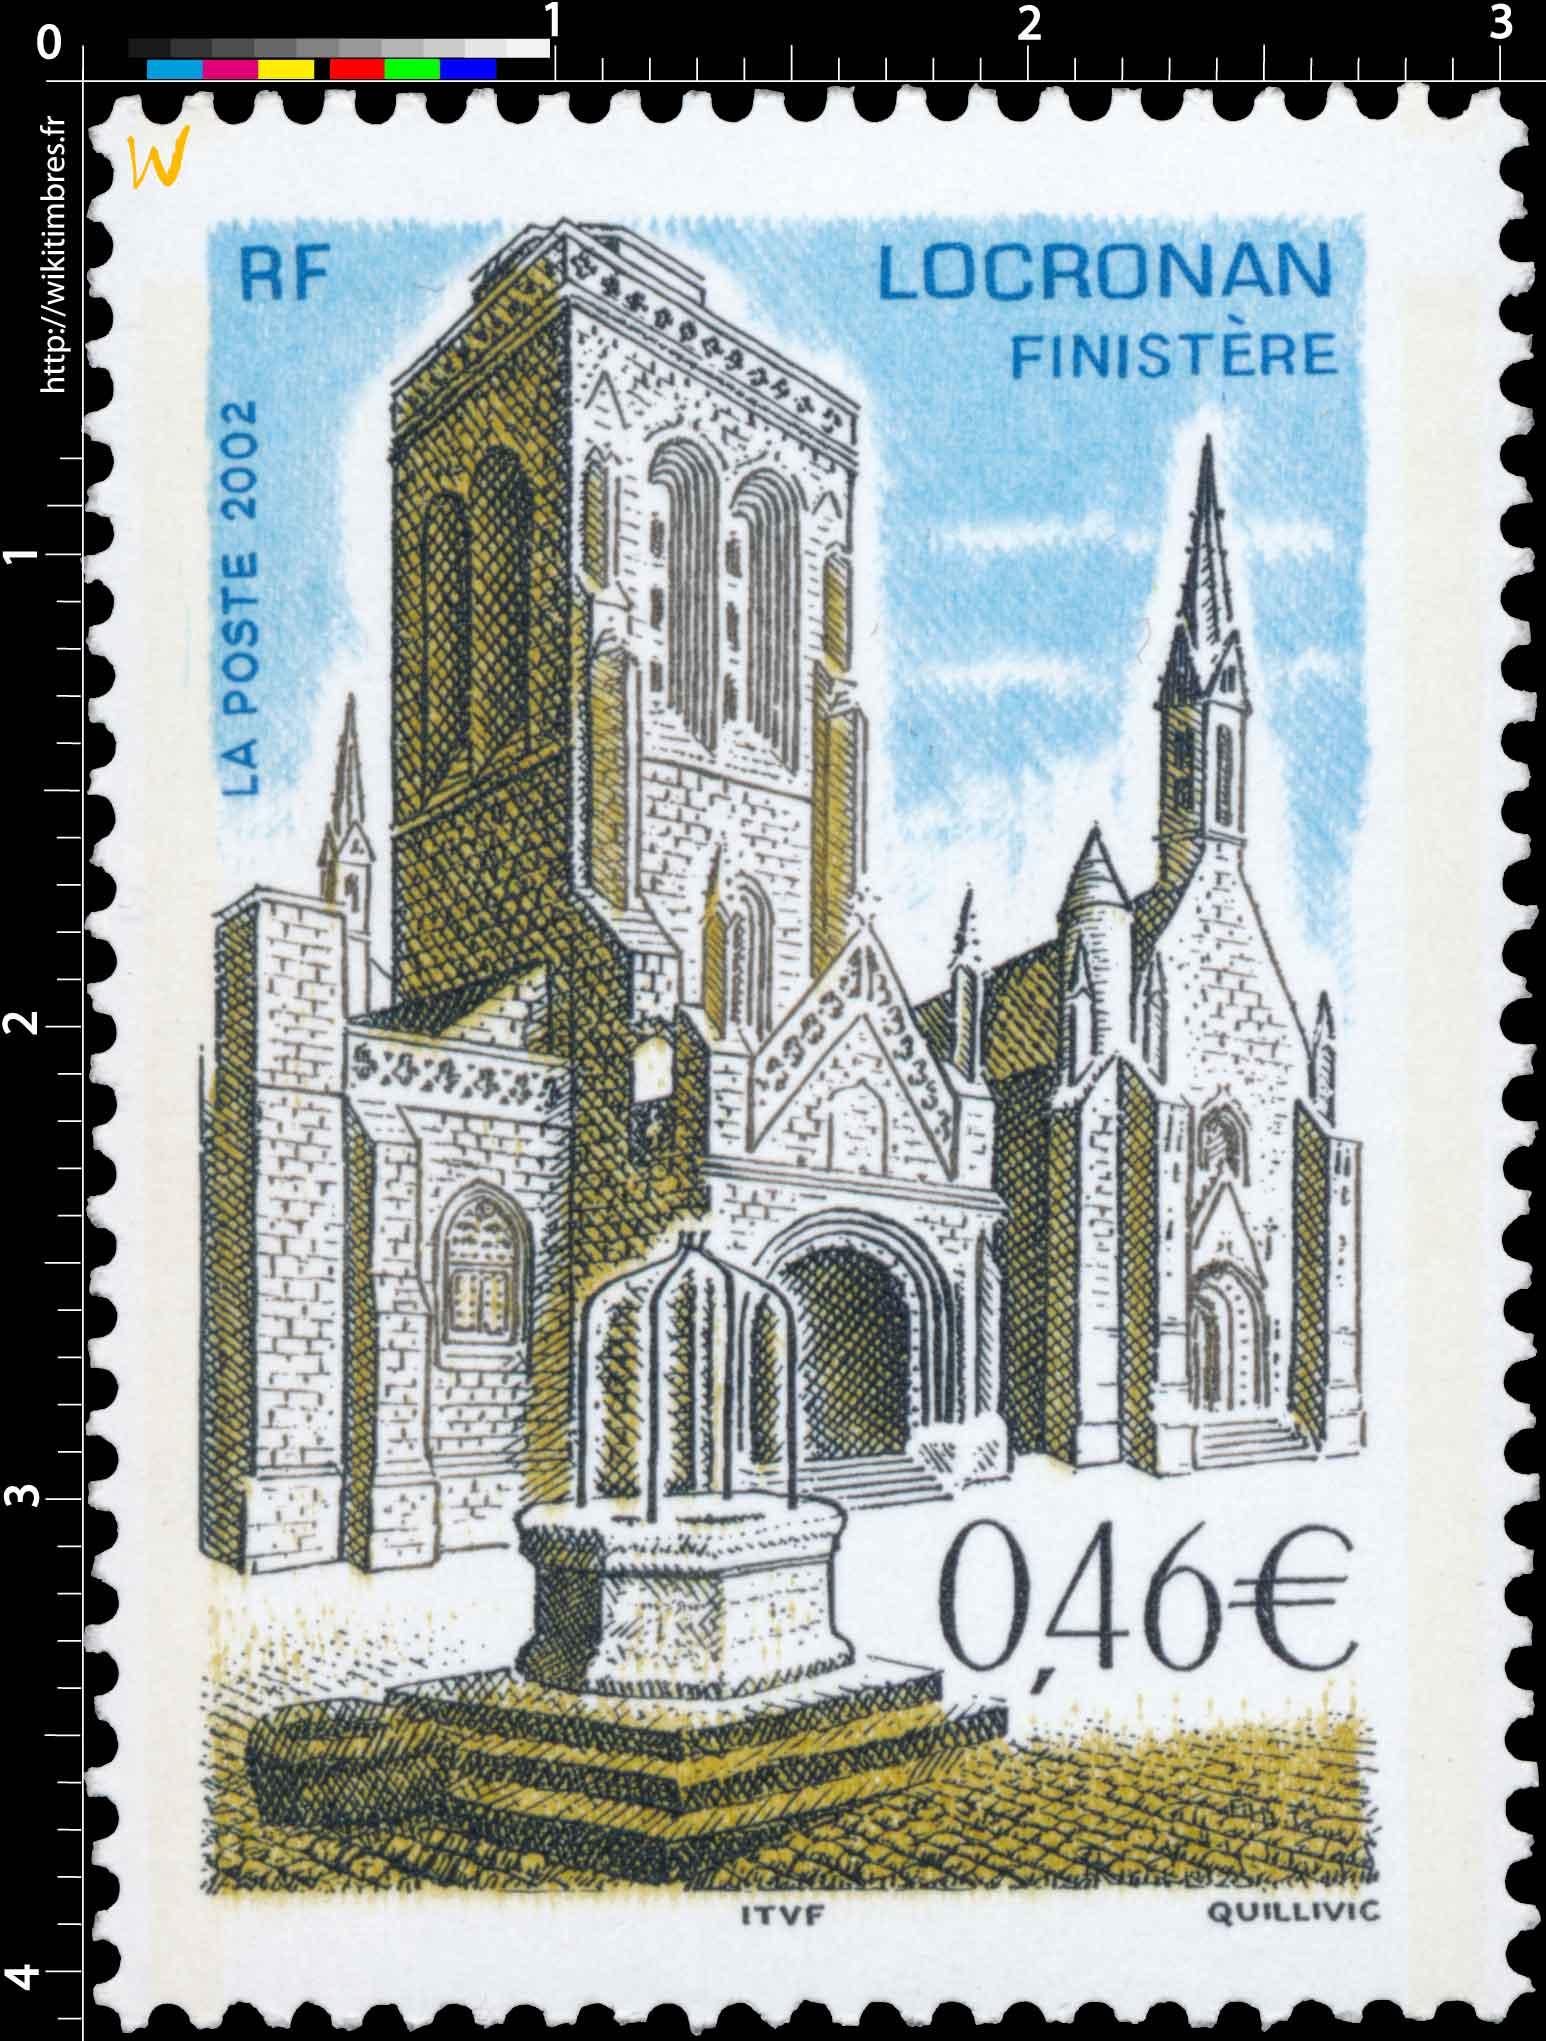 2002 LOCRONAN FINISTÈRE